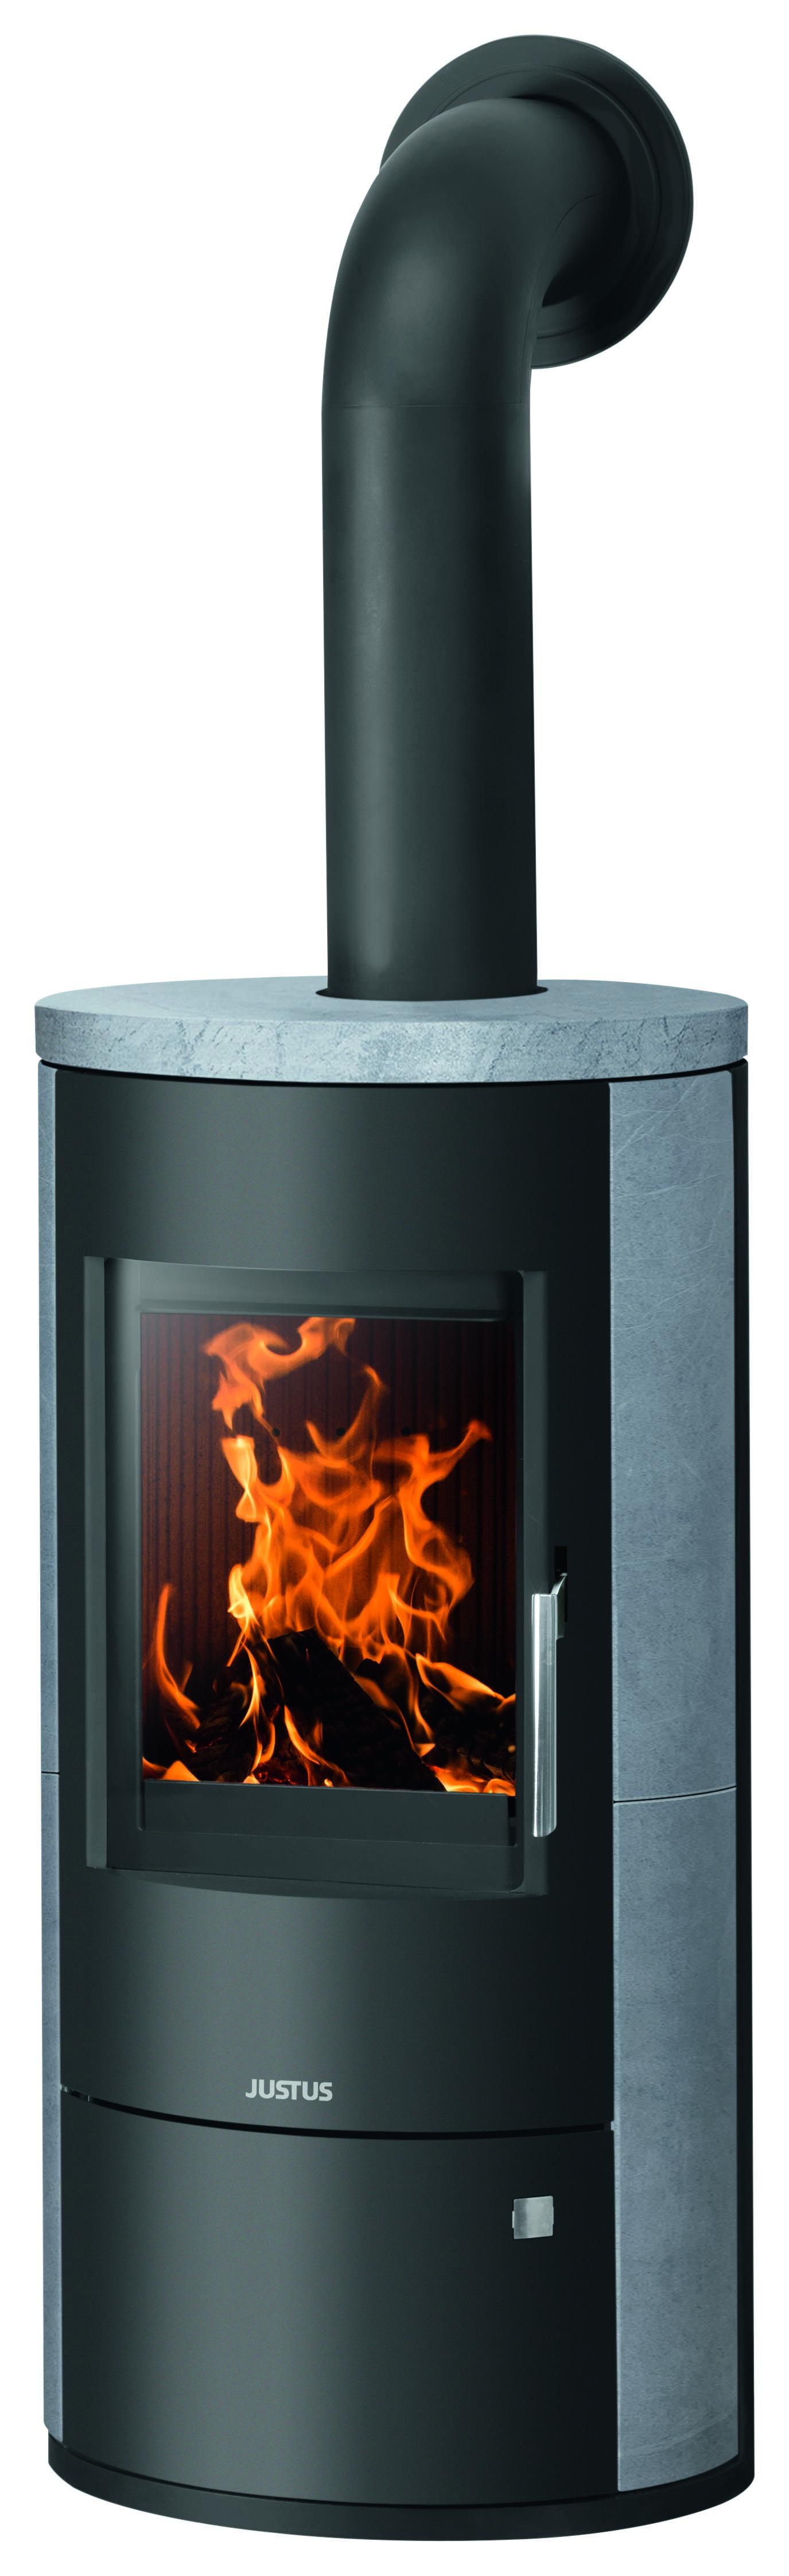 houtkachel justus austin 5 7 verkrijgbaar bij vuurzon houtkachels. Black Bedroom Furniture Sets. Home Design Ideas